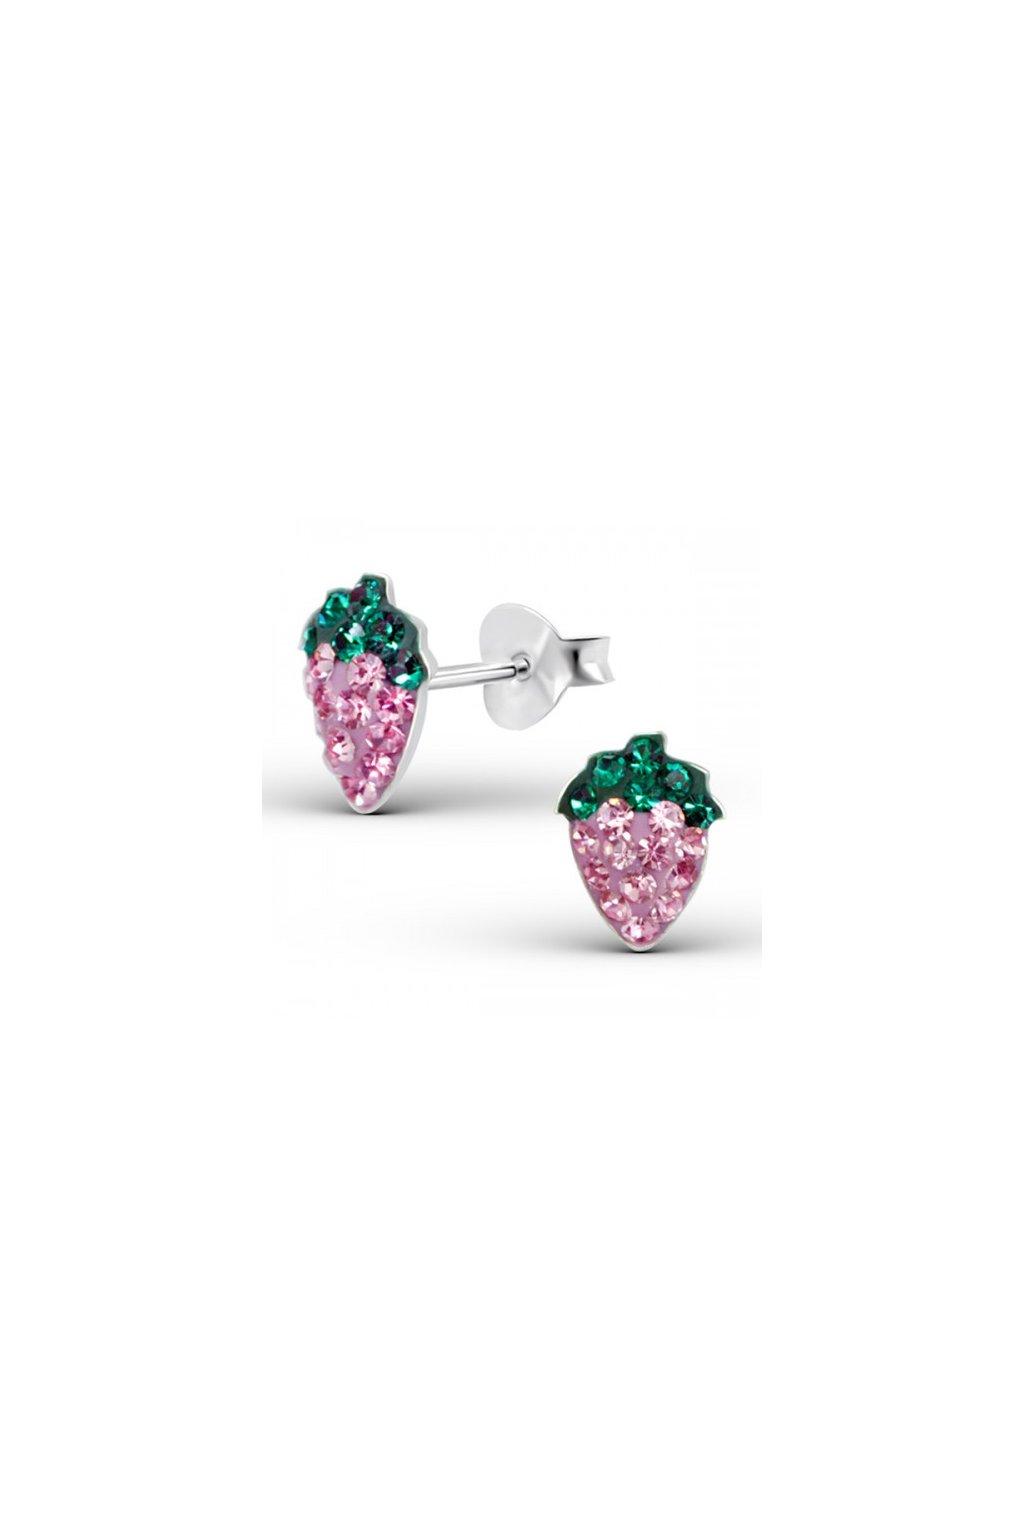 Strieborné náušnice jahody - 925 cz zeleno fialový kryštál MS15378